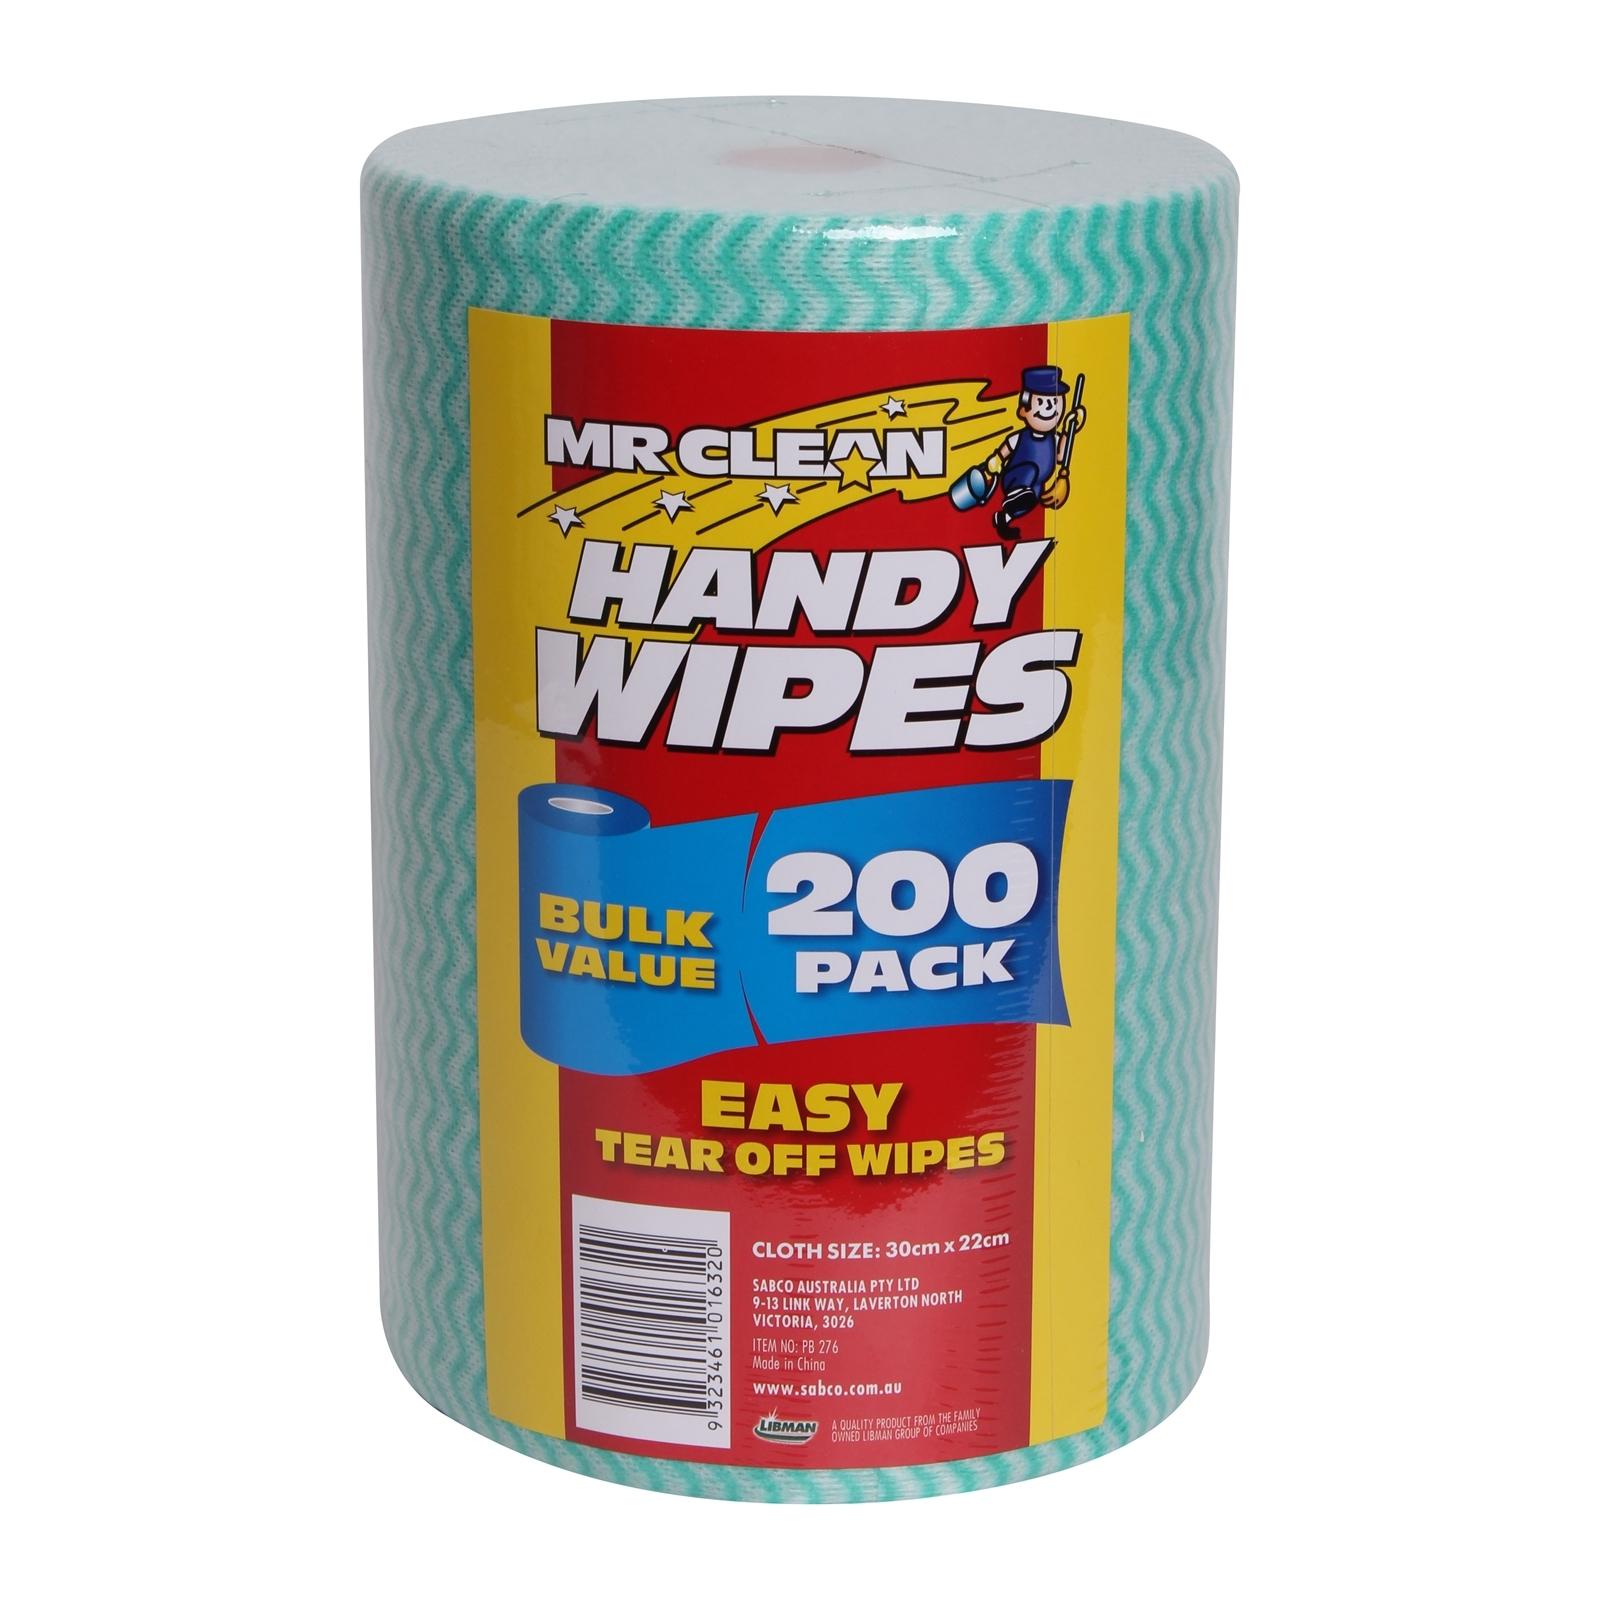 Mr Clean Handy Wipe - 200 Pack